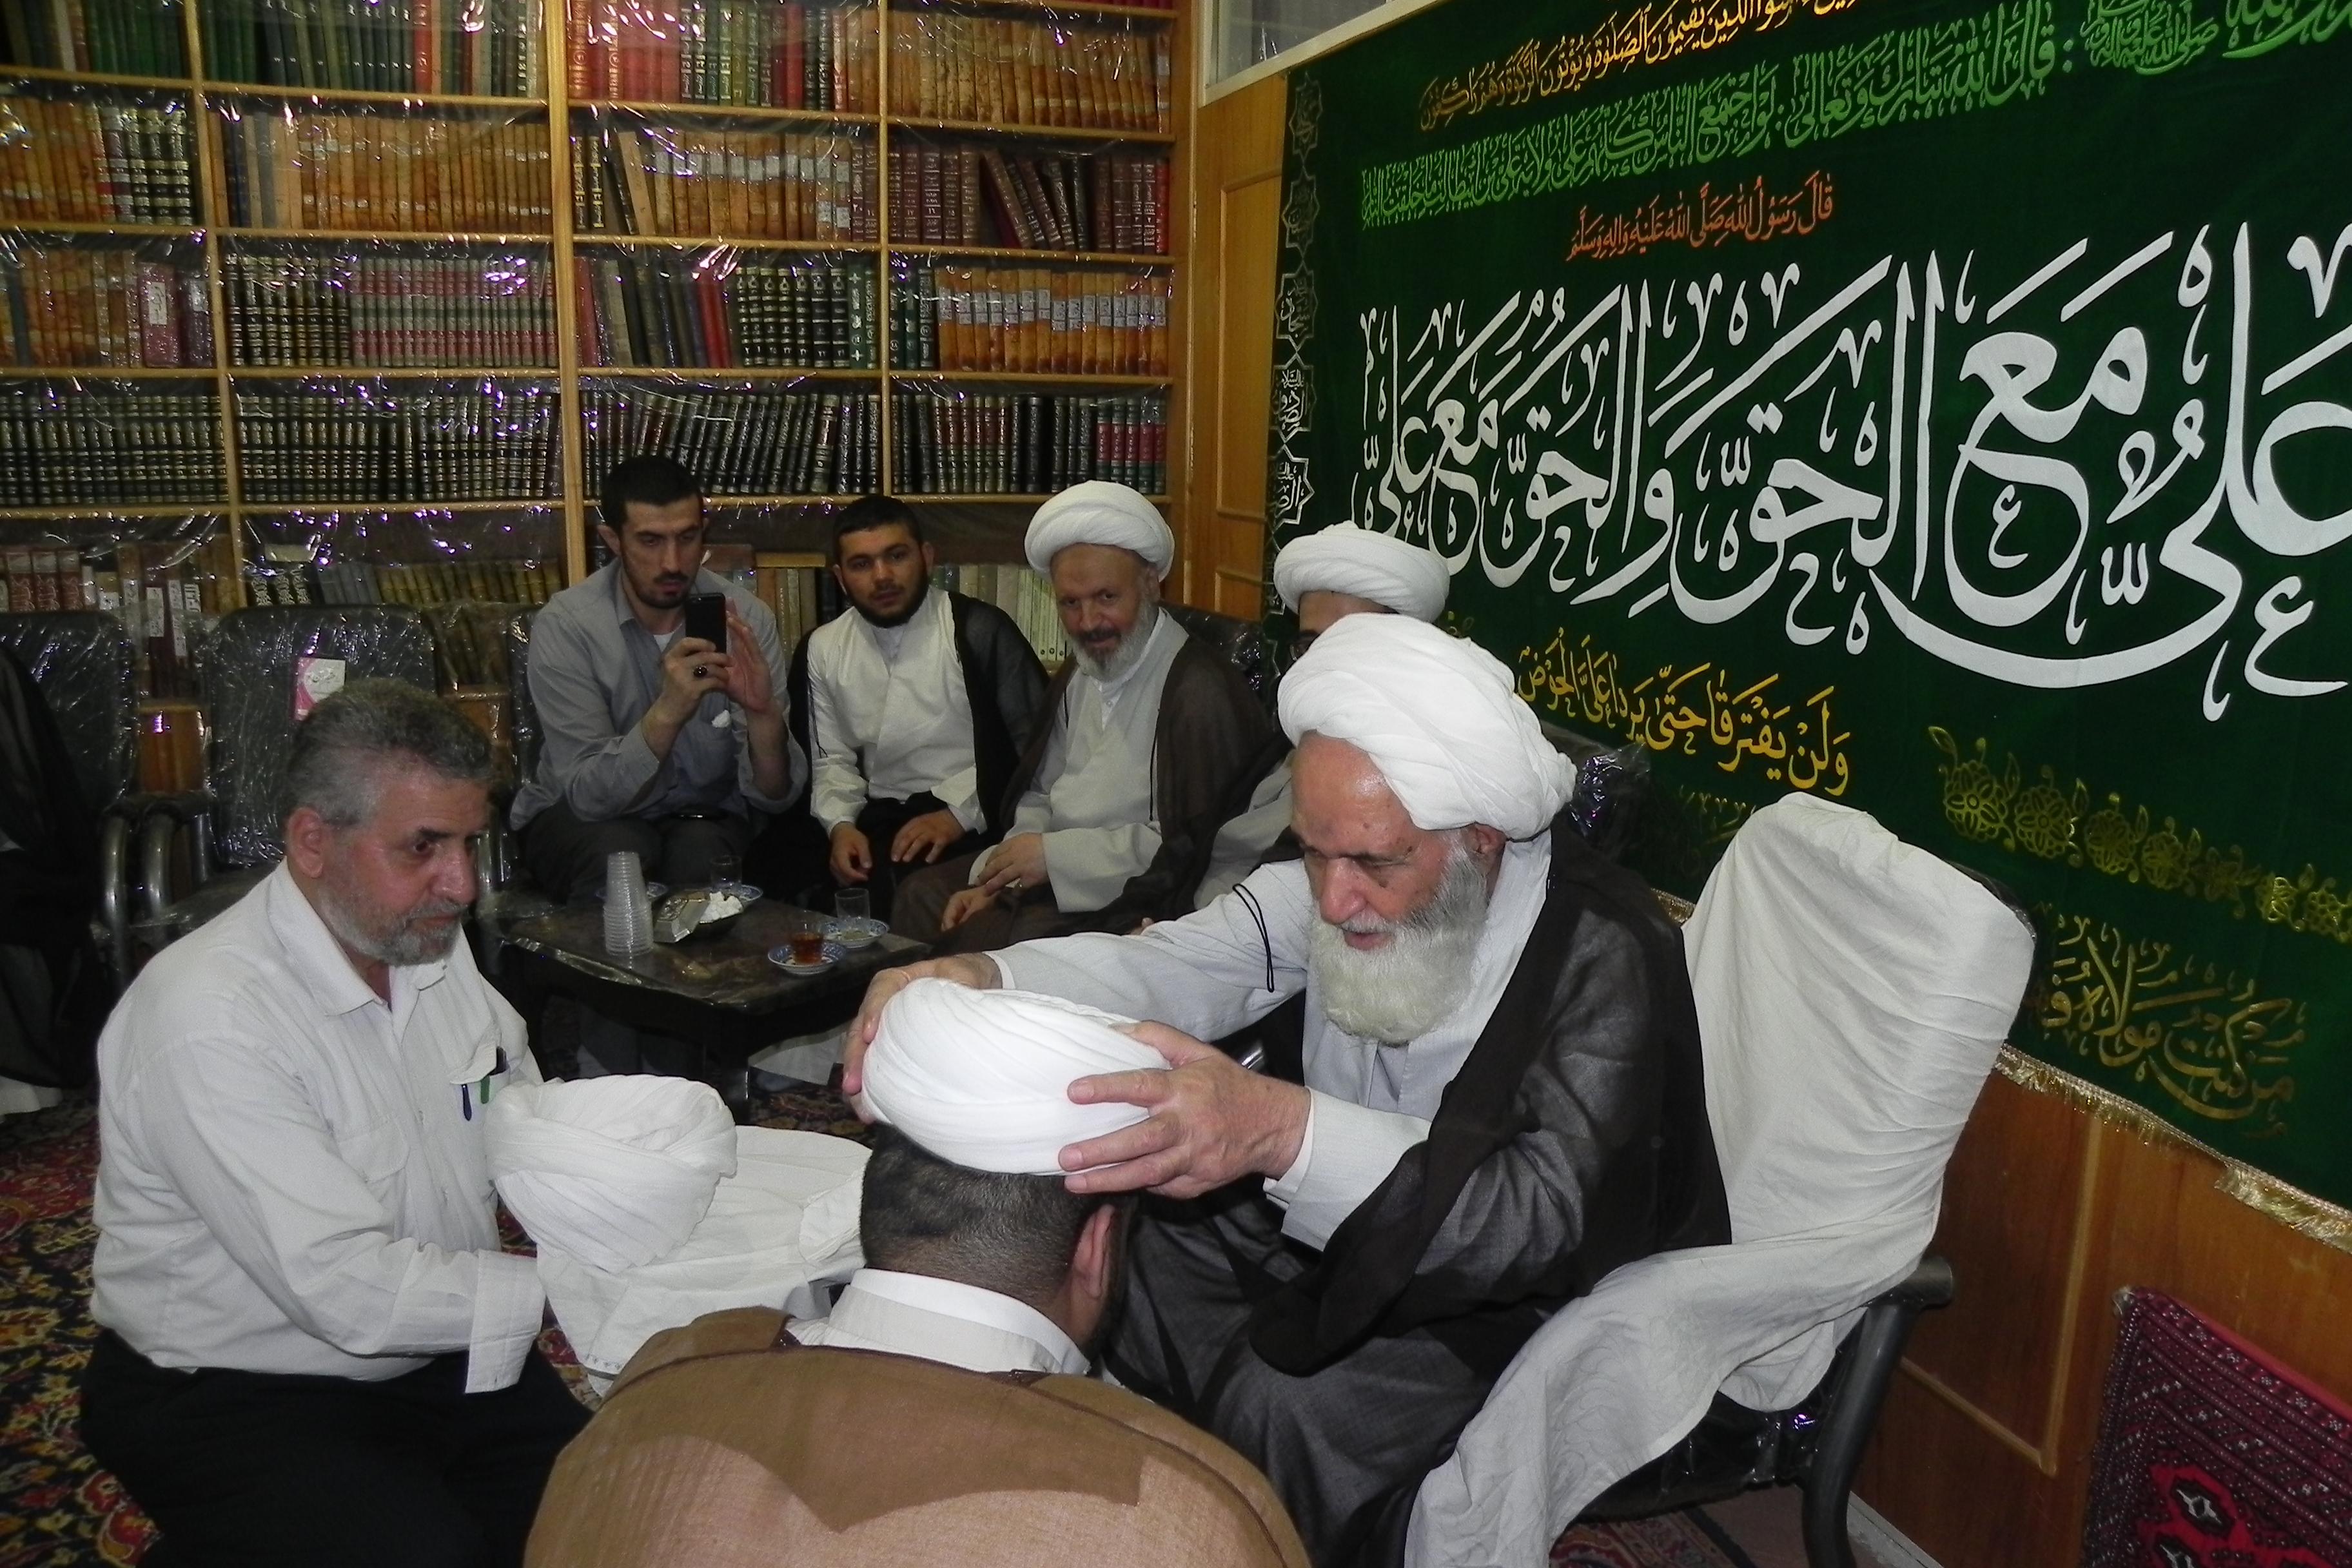 جشن سرور به مناسبت عید غدیر خم در بیت آیت الله العظمی دوزدوزانی تبریزی